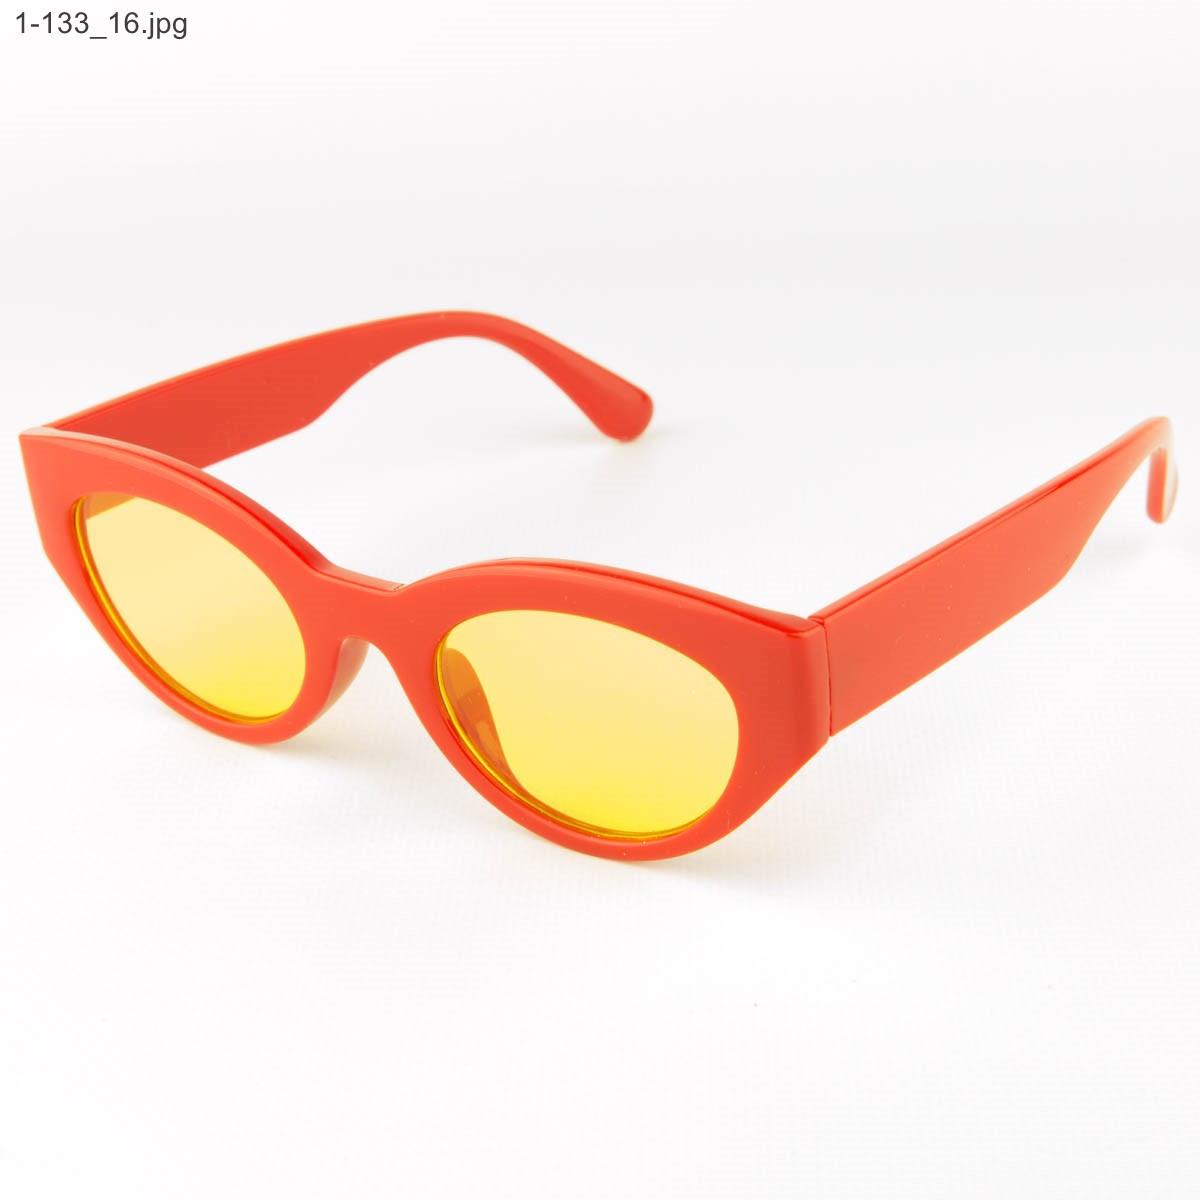 Солнцезащитные очки овальной формы - Красные - 1-133